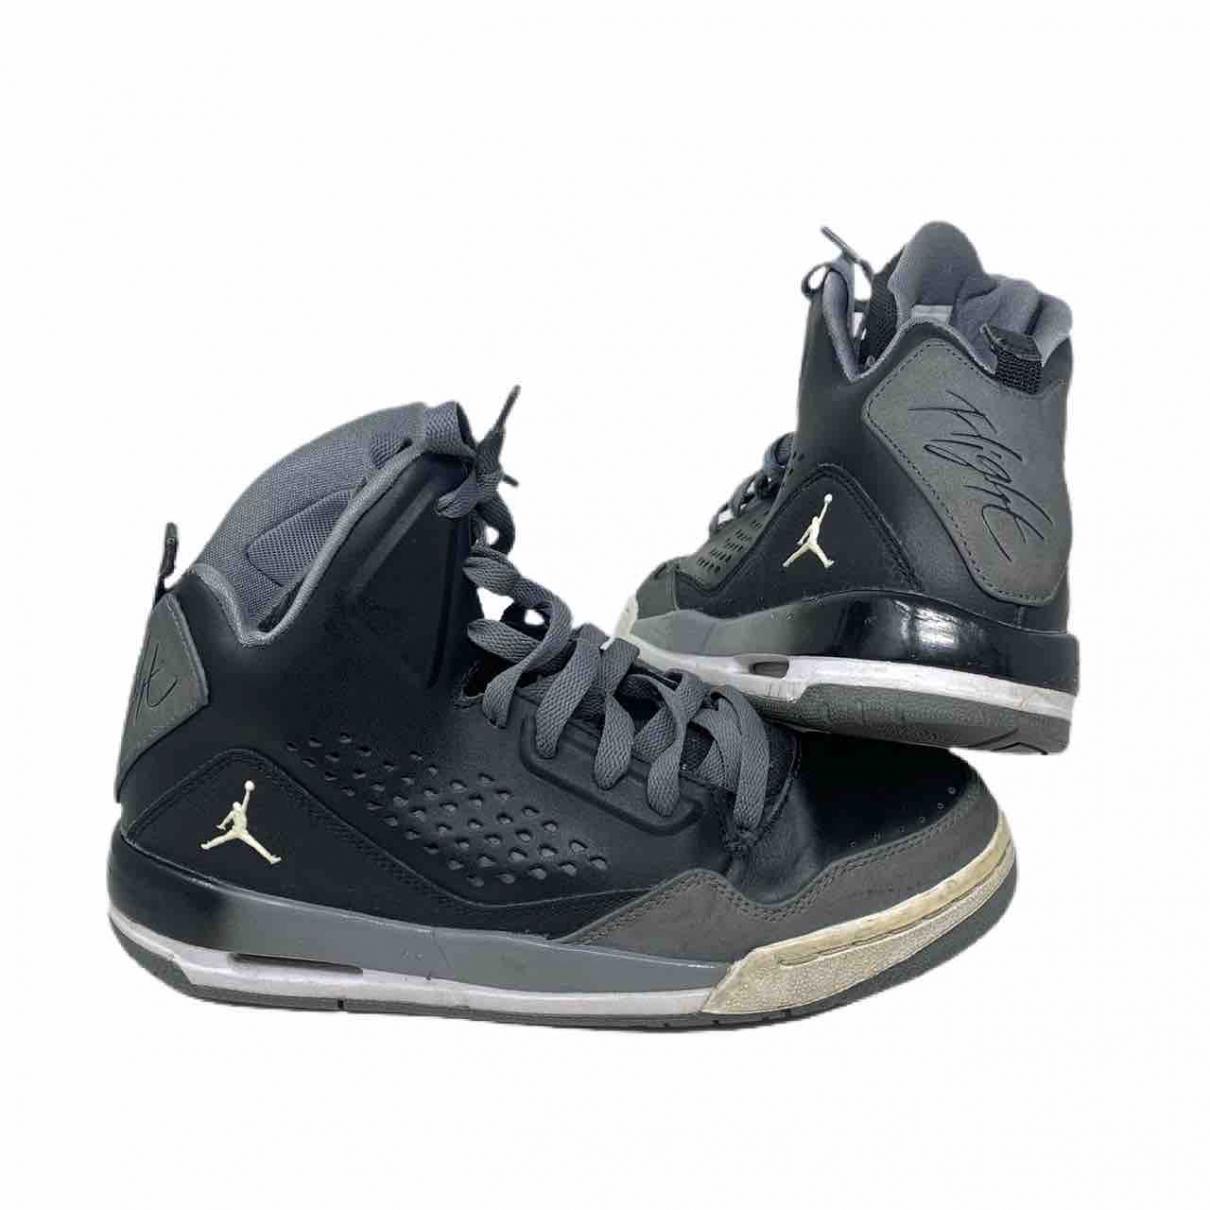 Jordan - Baskets   pour homme en toile - gris